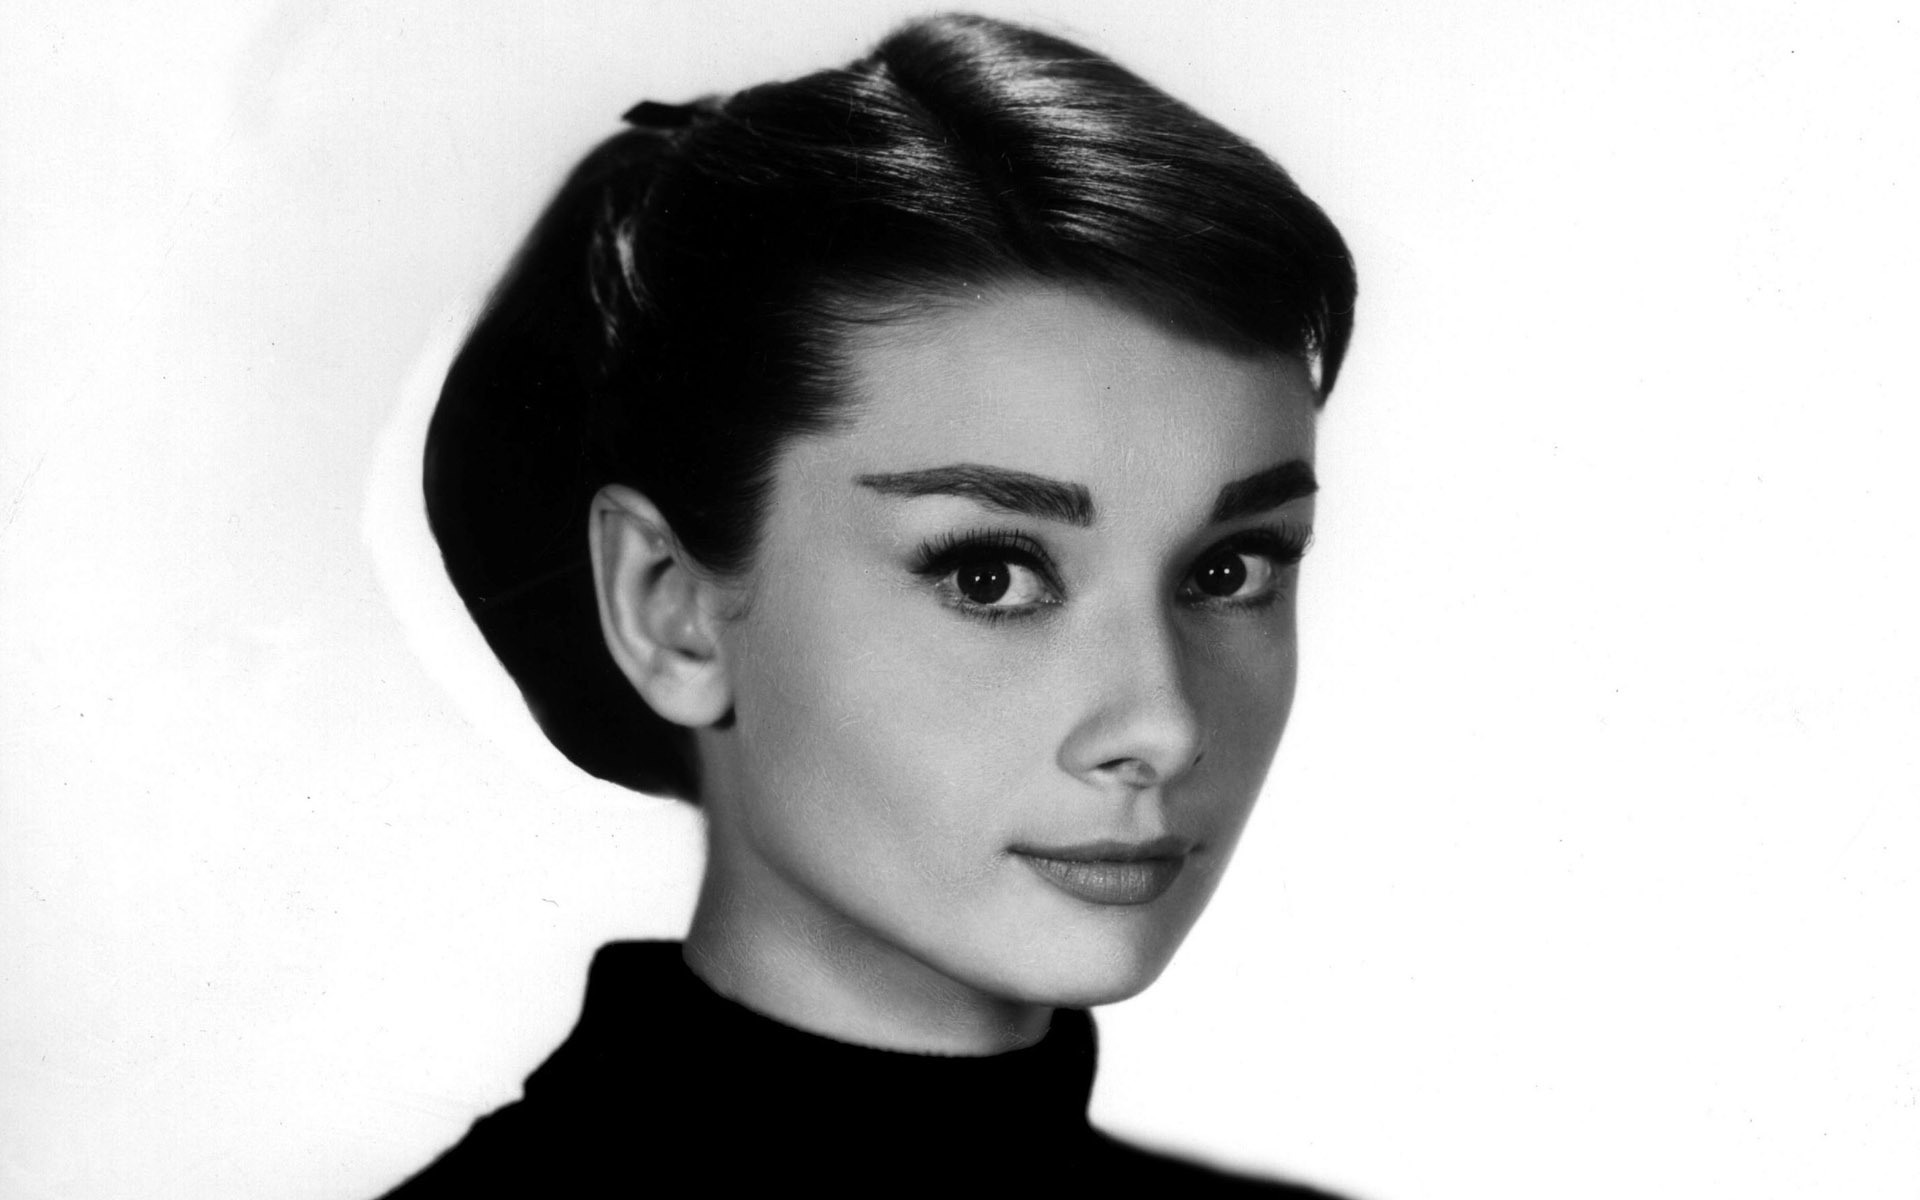 Audrey Hepburn Hd Wallpapers 7wallpapersnet